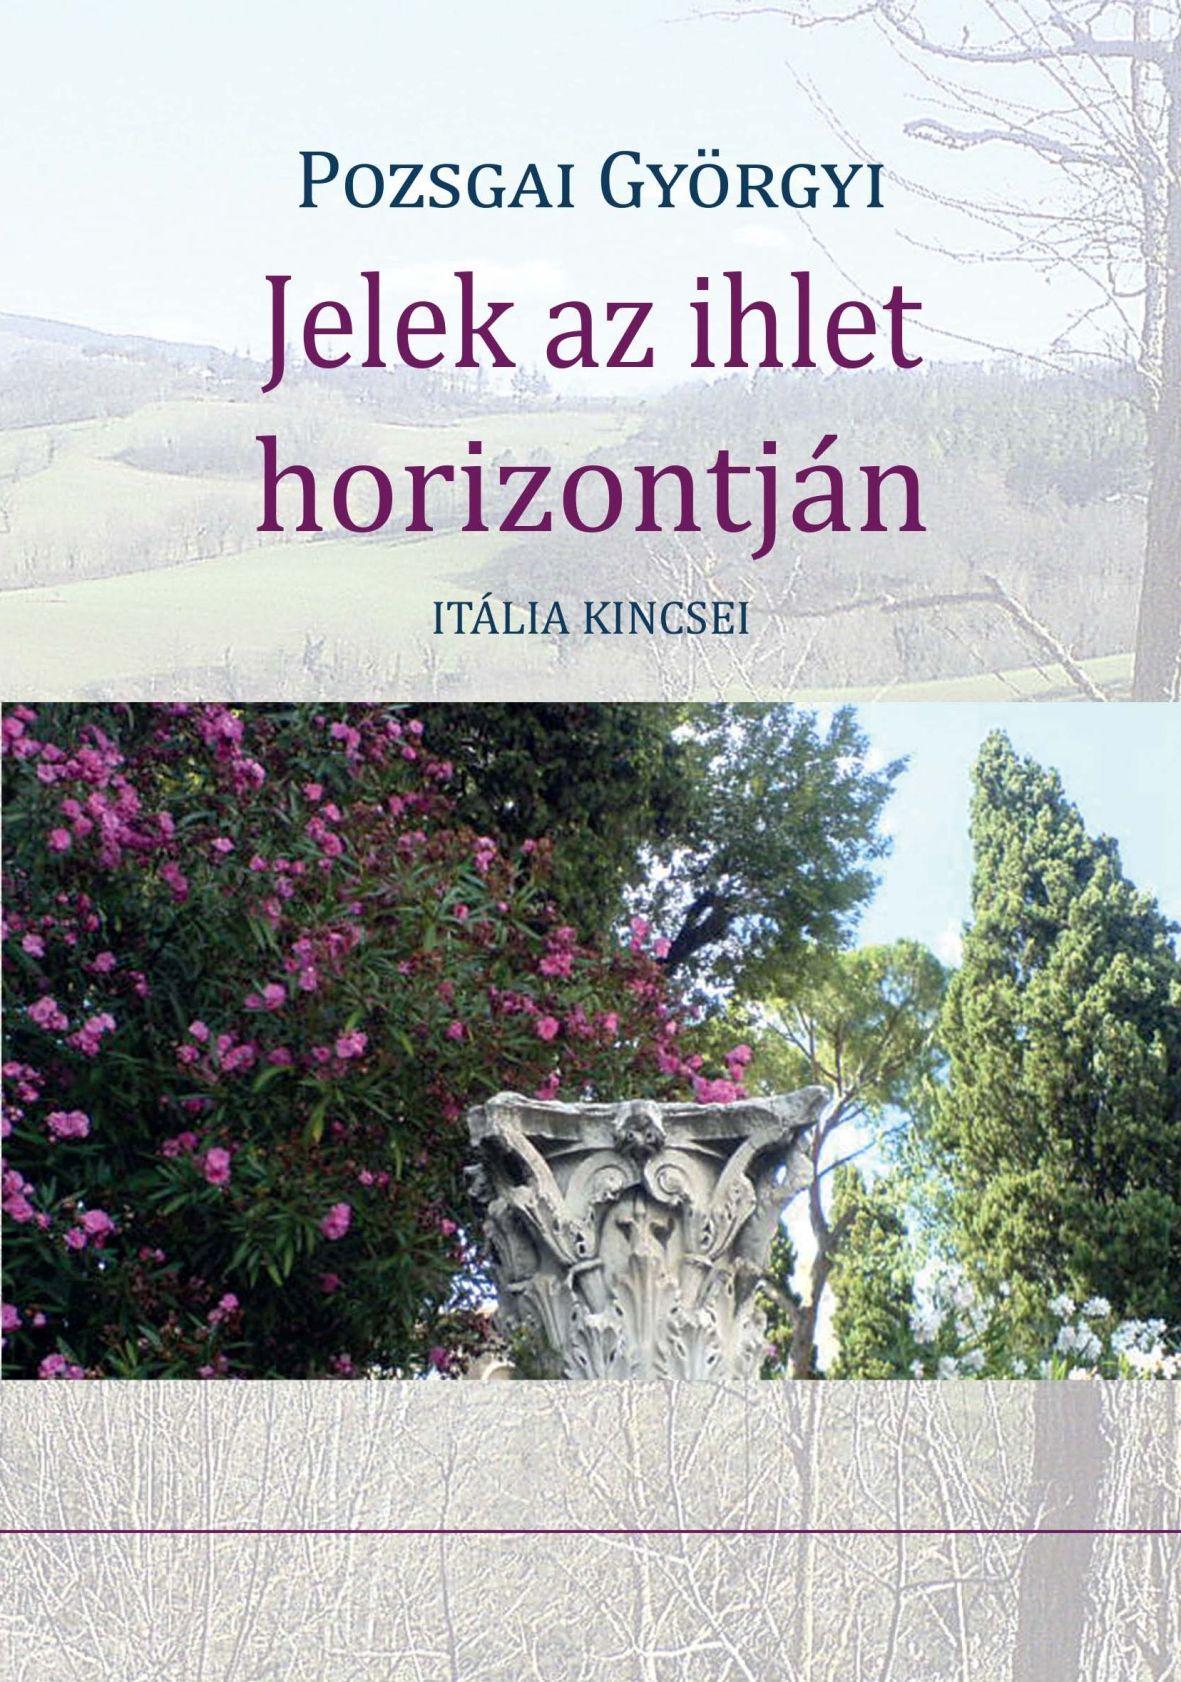 POZSGAI GYÖRGYI - JELEK AZ IHLET HORIZONTJÁN - ITÁLIA KINCSEI